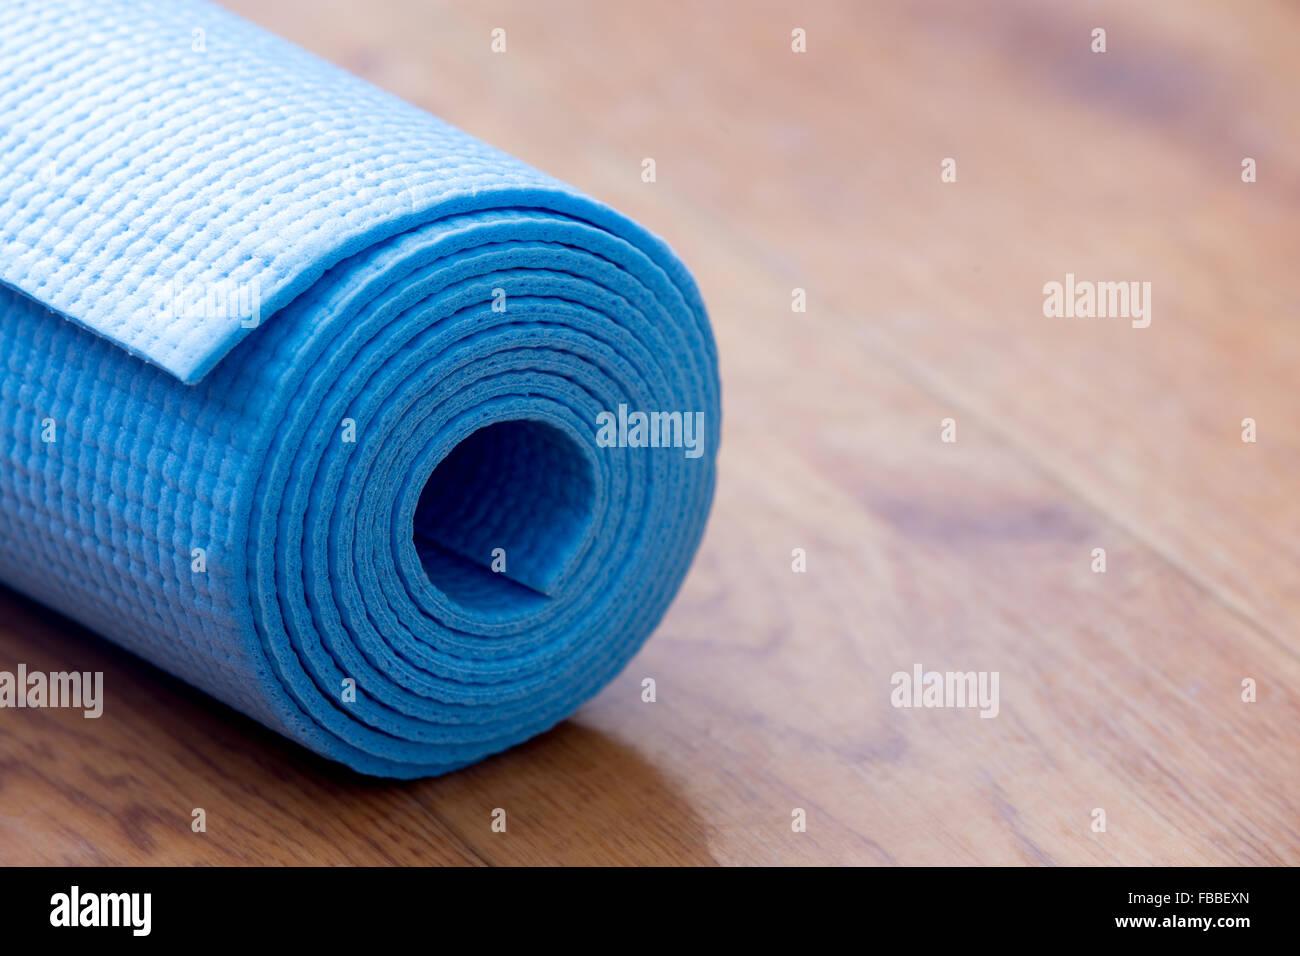 Nahaufnahme des gefalteten blauen rutschfeste Yoga, Pilates Matte auf dem Boden. Gesundes Leben, halten Sie Fit Stockbild